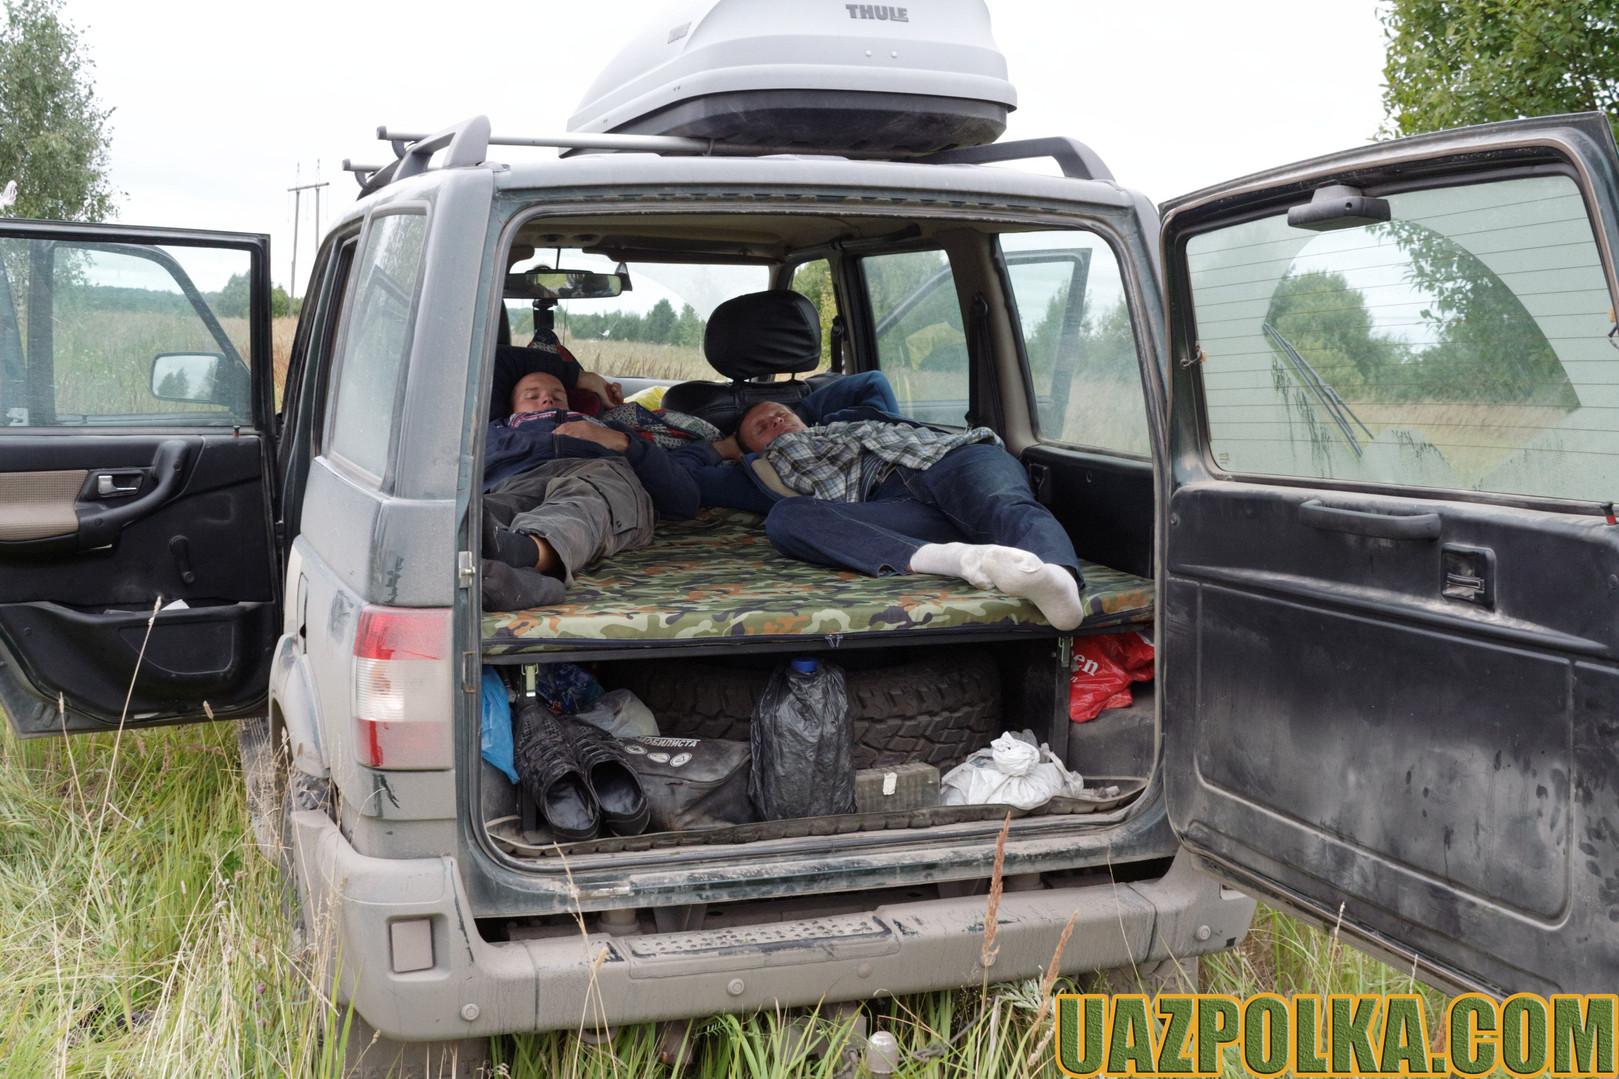 Спальник на УАЗ Патриот 2012 г.jpg